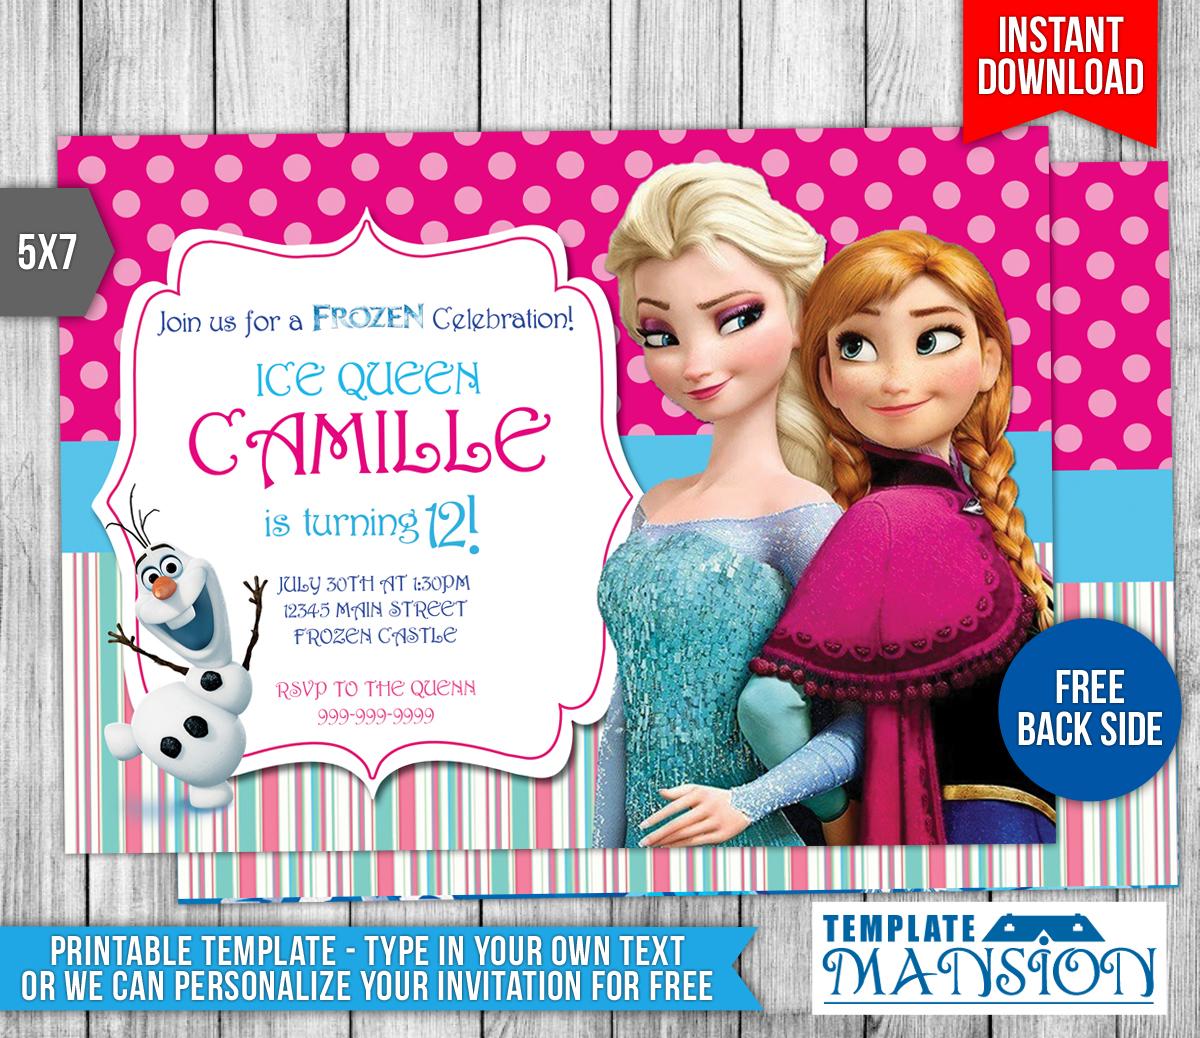 Disney Frozen Birthday Invitation #2 by templatemansion on DeviantArt